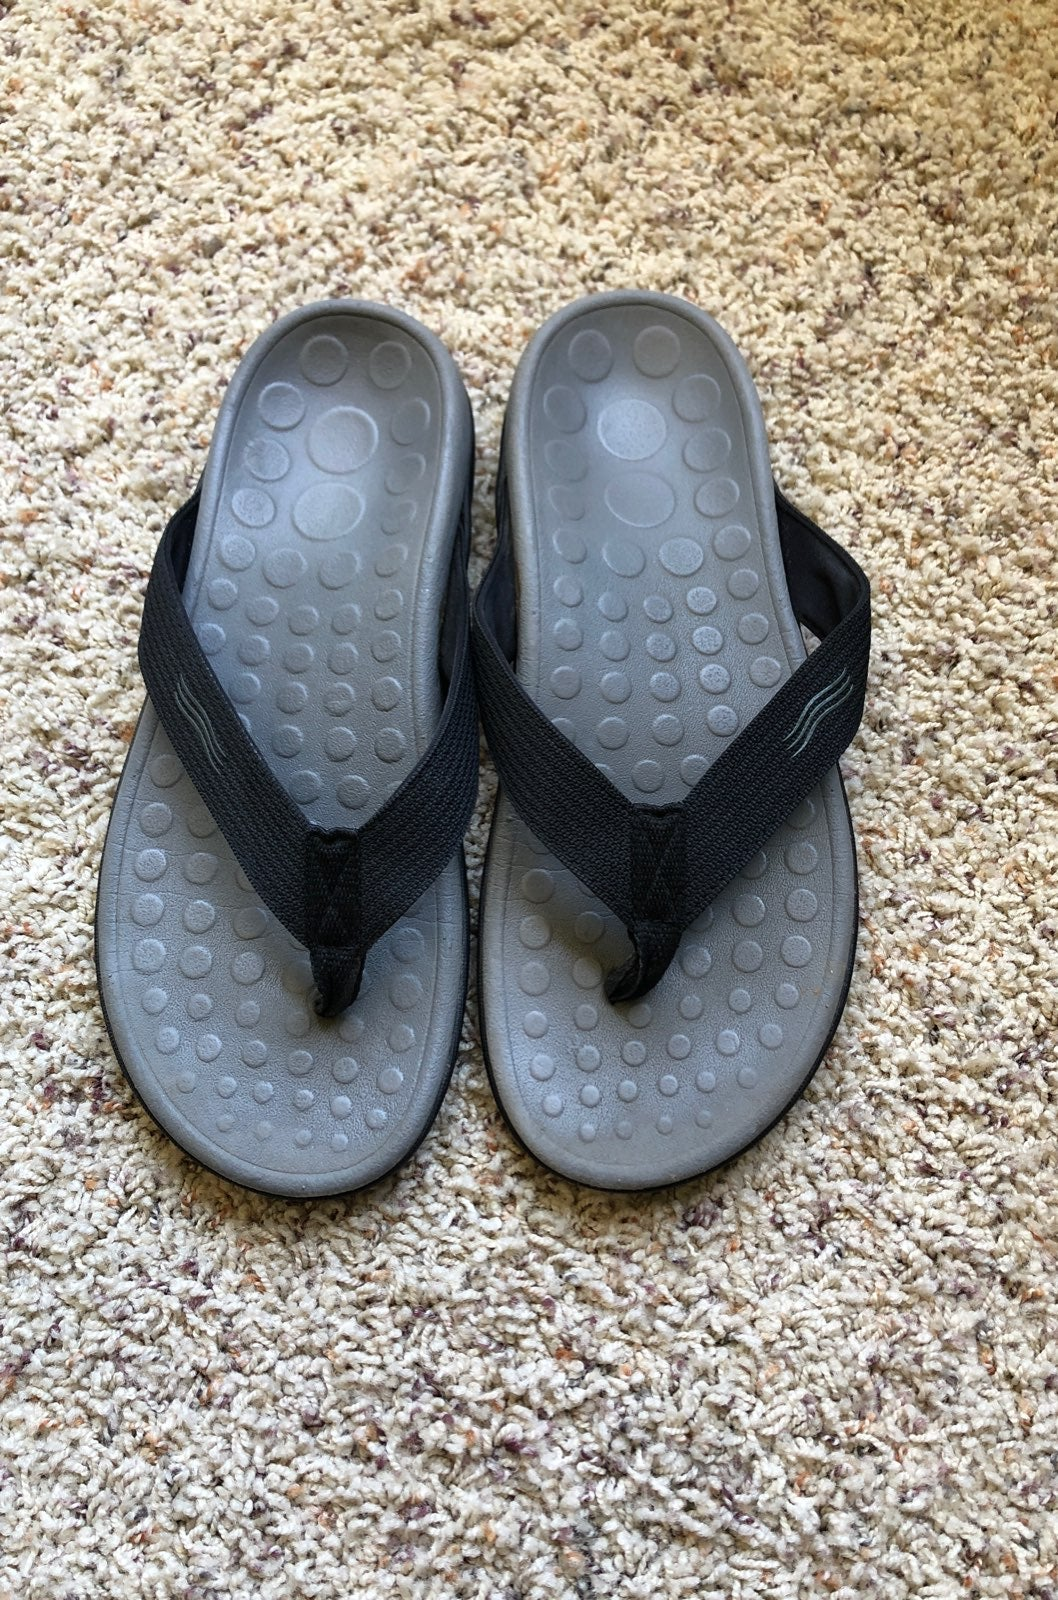 Vionic Flip Flop size 8